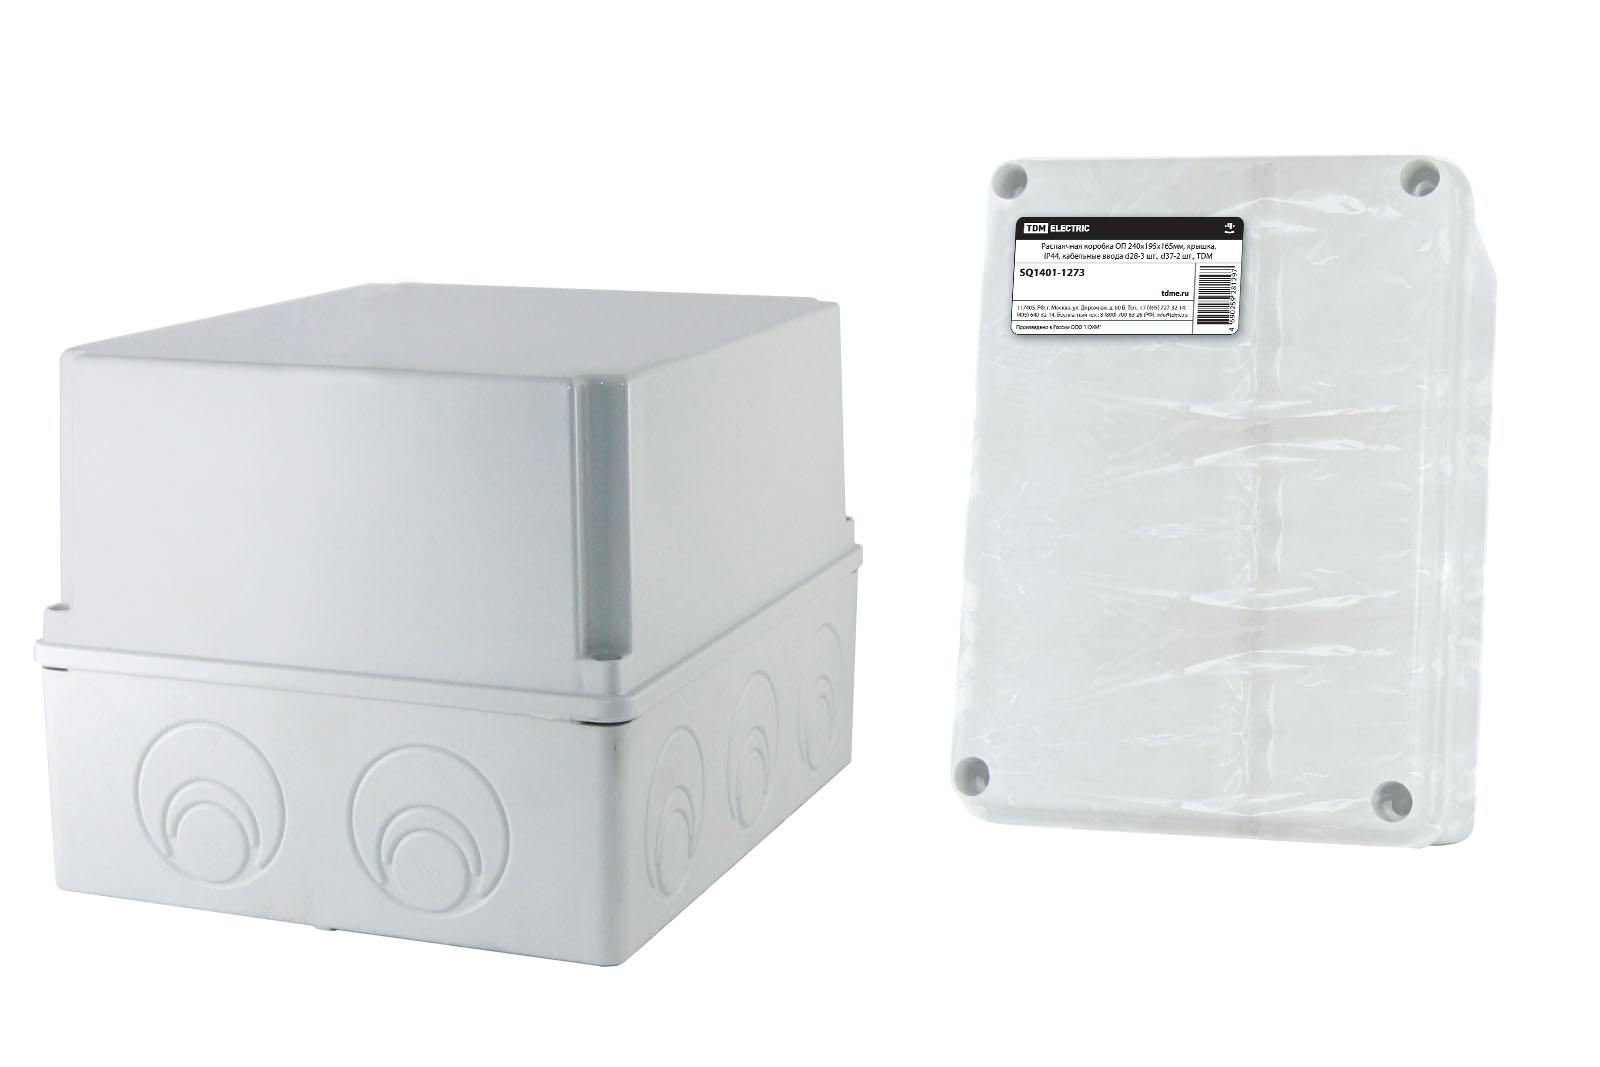 Фото Распаячная коробка ОП 240х195х165мм, крышка, IP44, кабельные ввода d28-3 шт., d37-2 шт., TDM {SQ1401-1273}